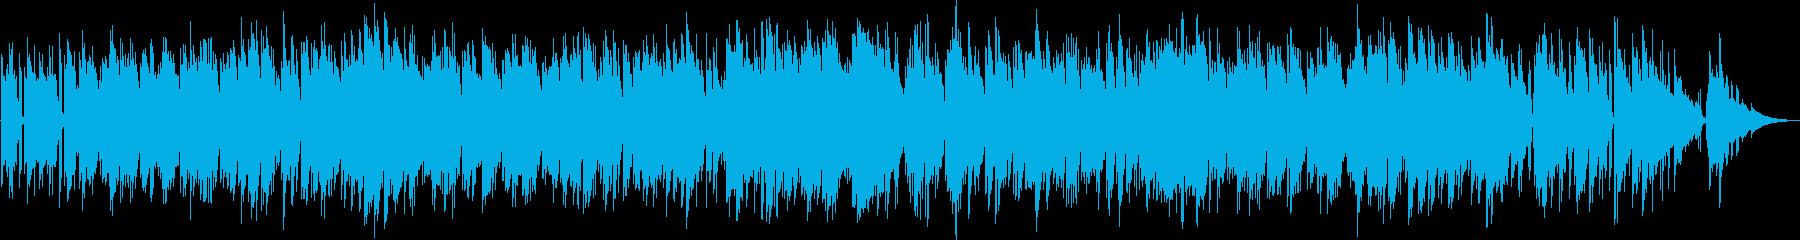 ゆったりした曲調のギターデュオの再生済みの波形